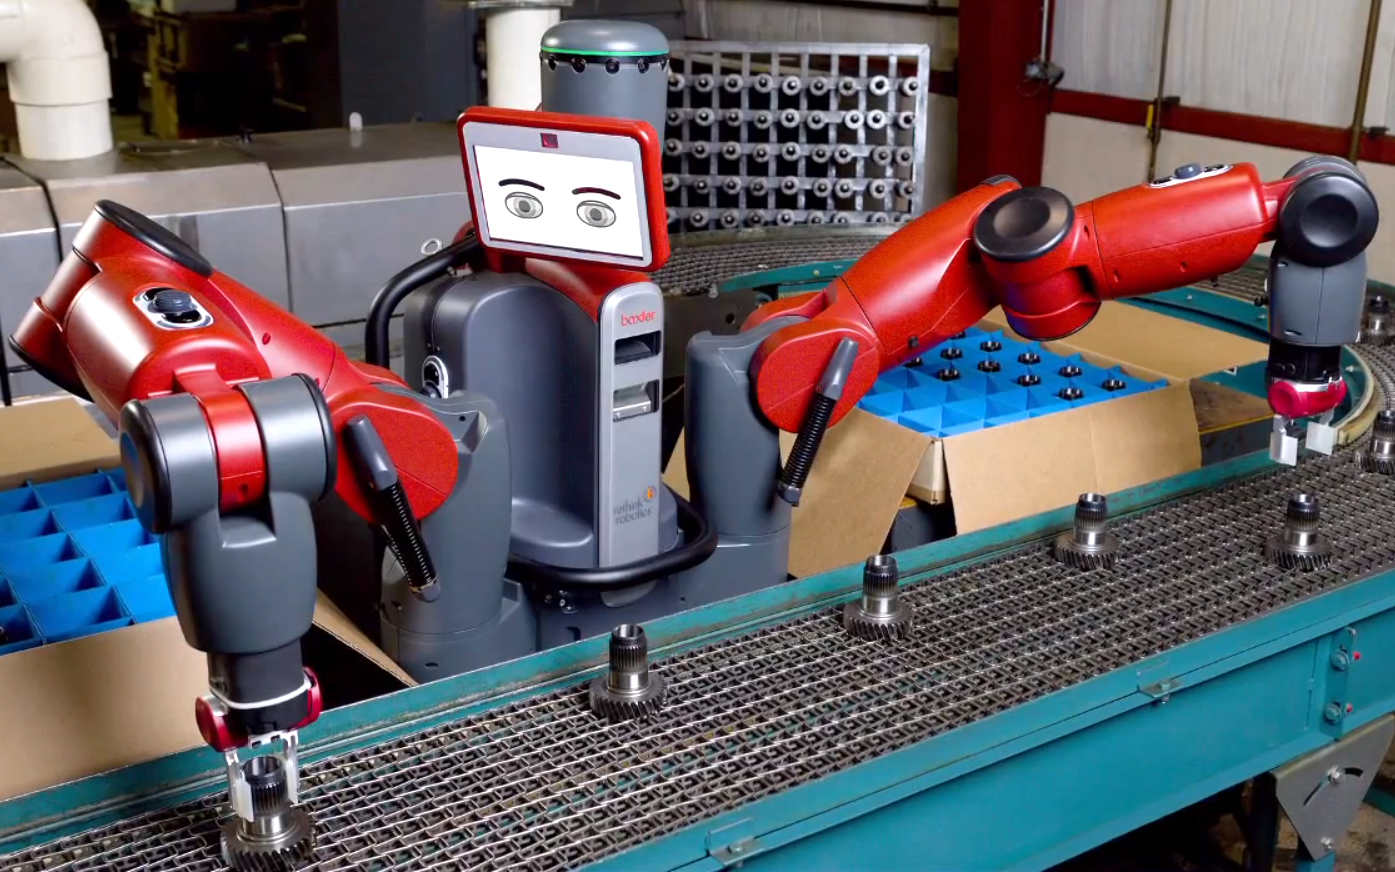 Baxter robot